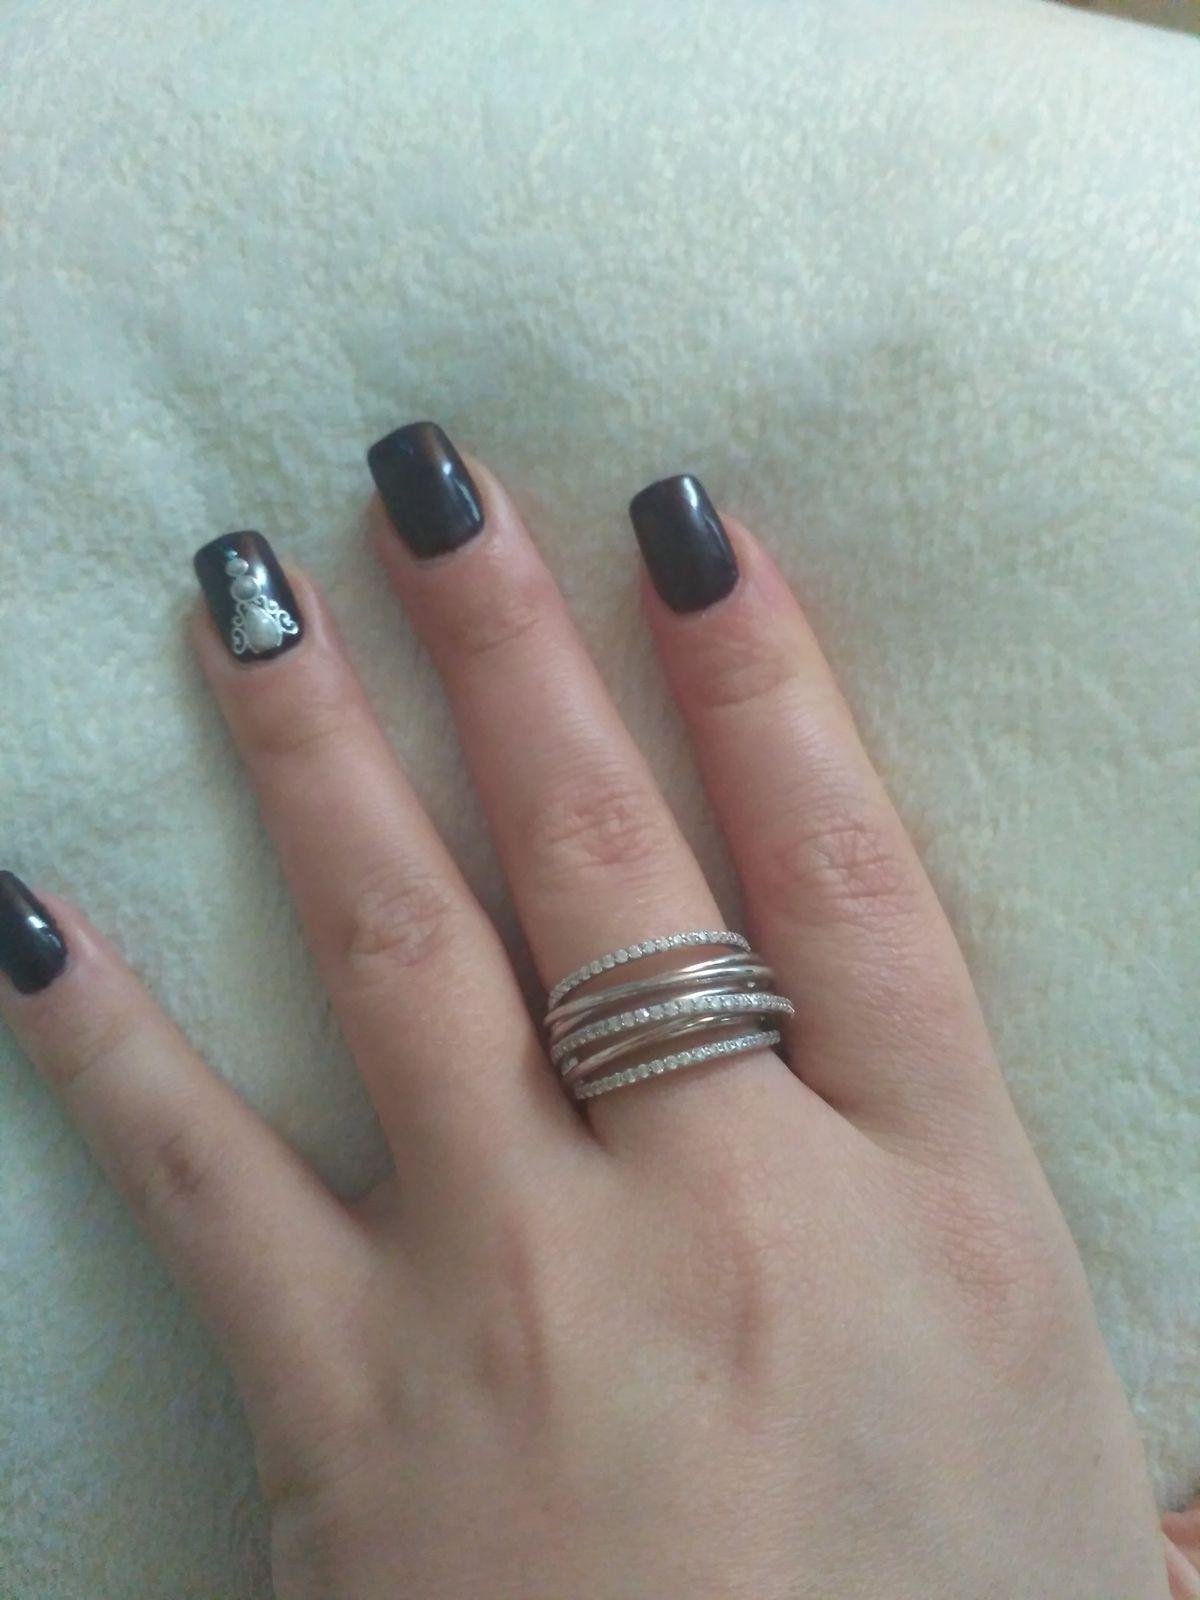 Шикарное кольцо!!!! Не могу налюбоваться!!!